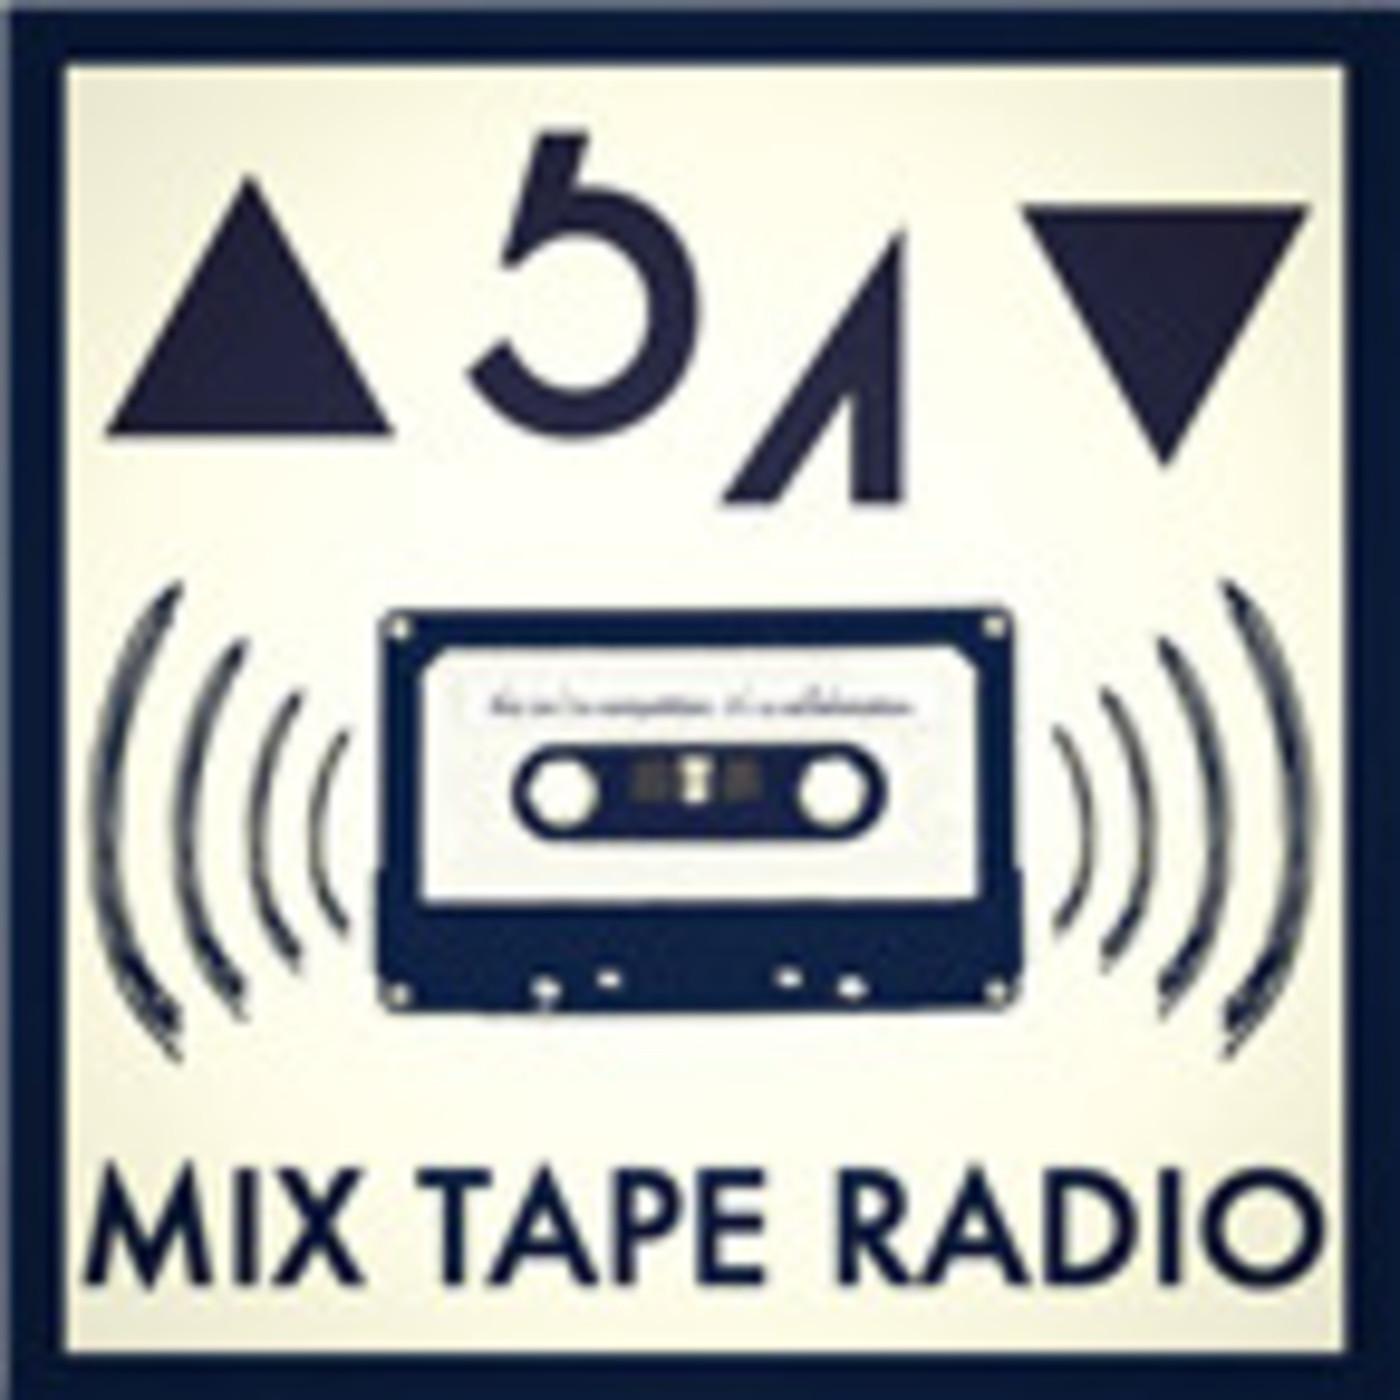 Mix Tape Radio by HI54LOFI